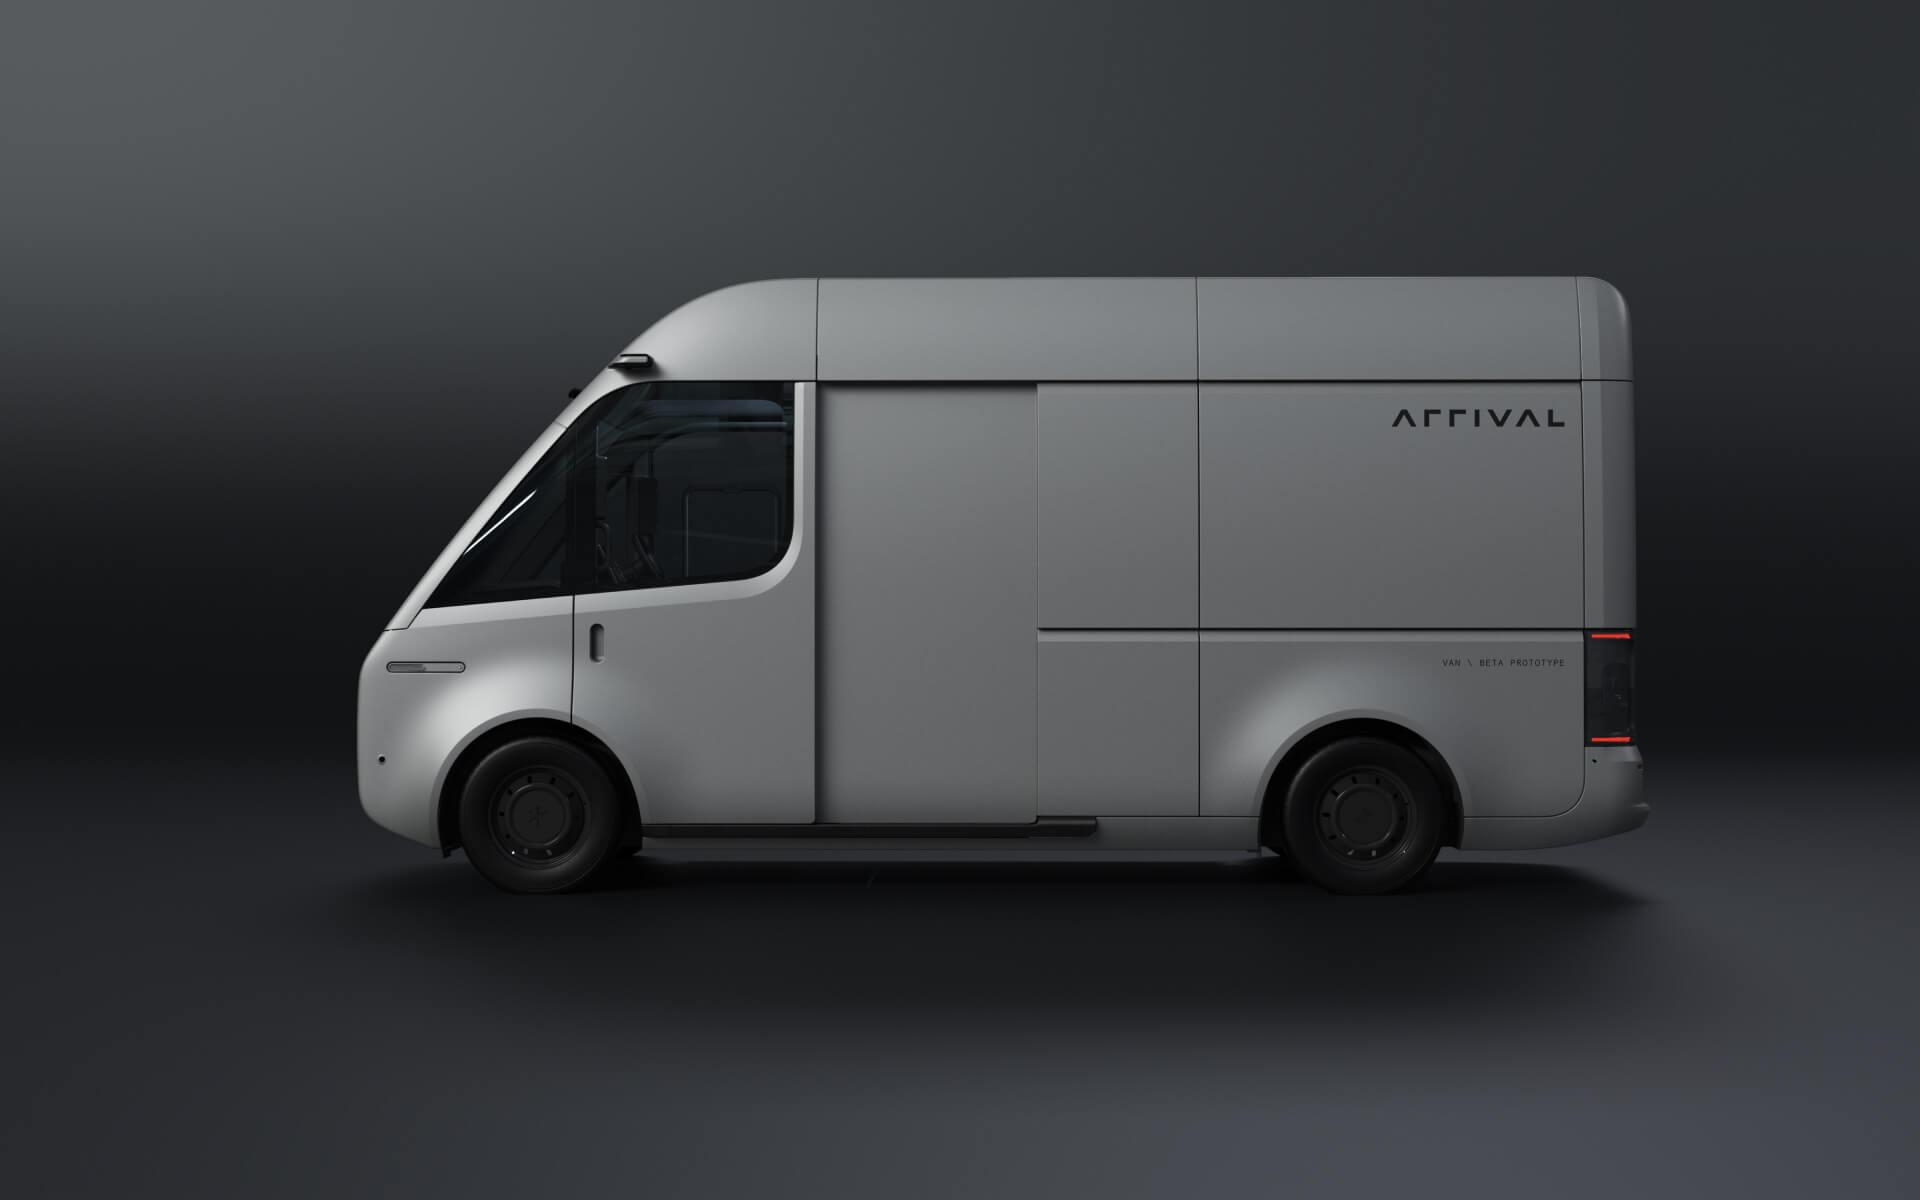 Arrival представляет новый улучшенный дизайн электрического фургона